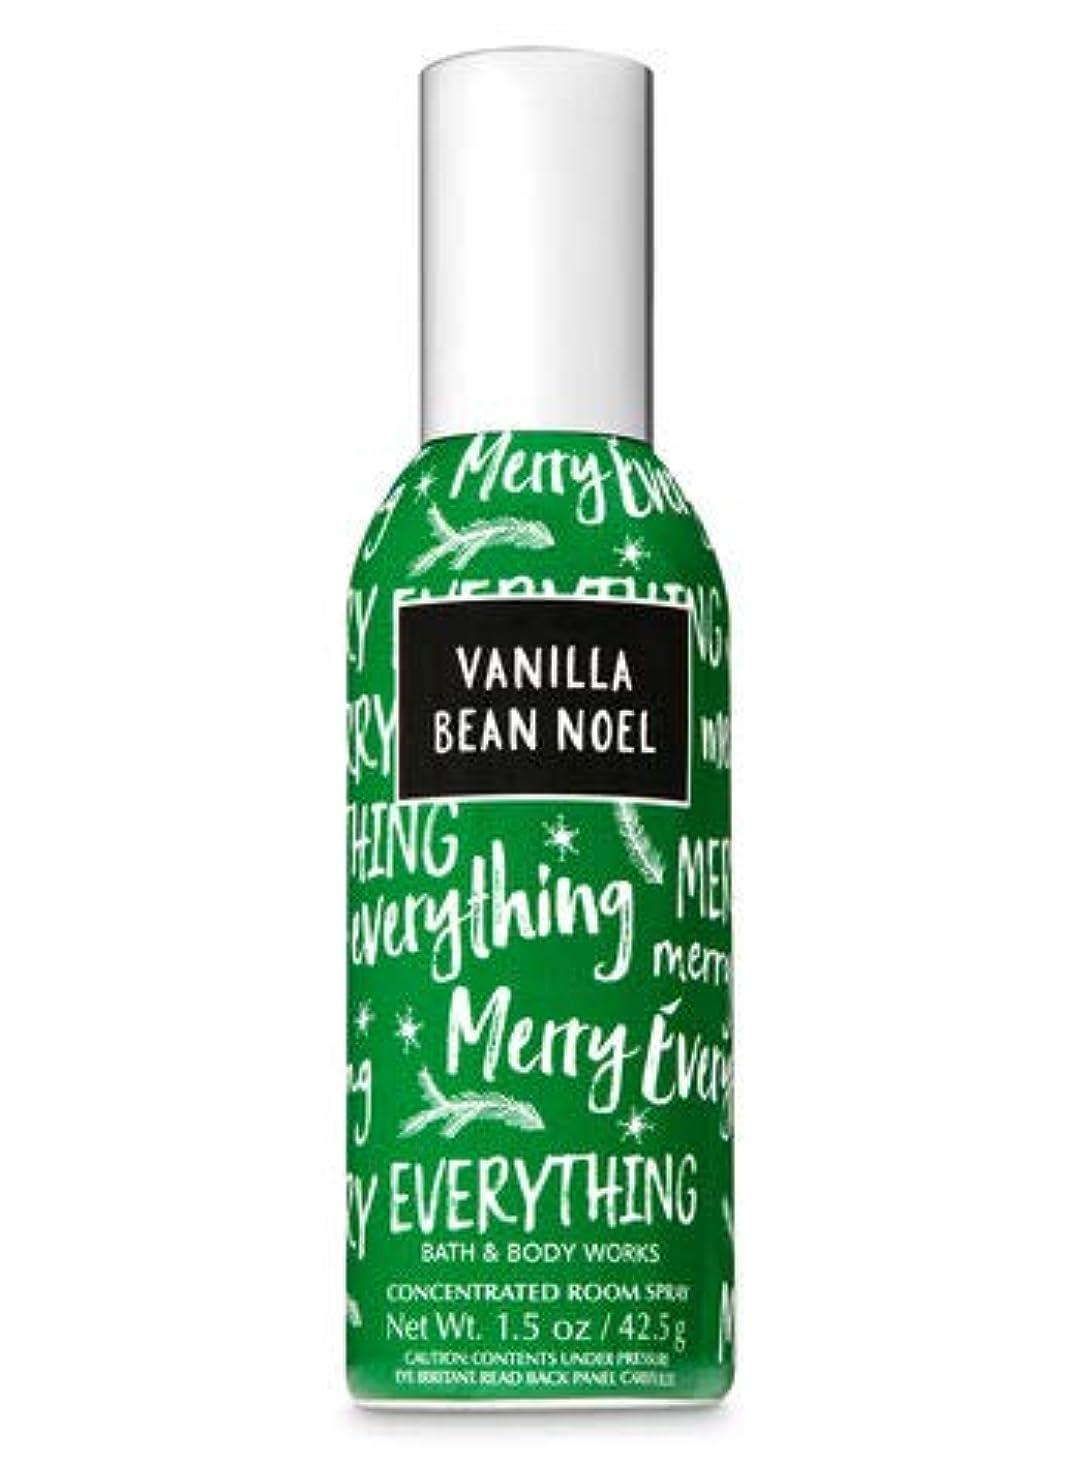 地平線受動的安価な【Bath&Body Works/バス&ボディワークス】 ルームスプレー バニラビーンノエル 1.5 oz. Concentrated Room Spray/Room Perfume Vanilla Bean Noel [並行輸入品]